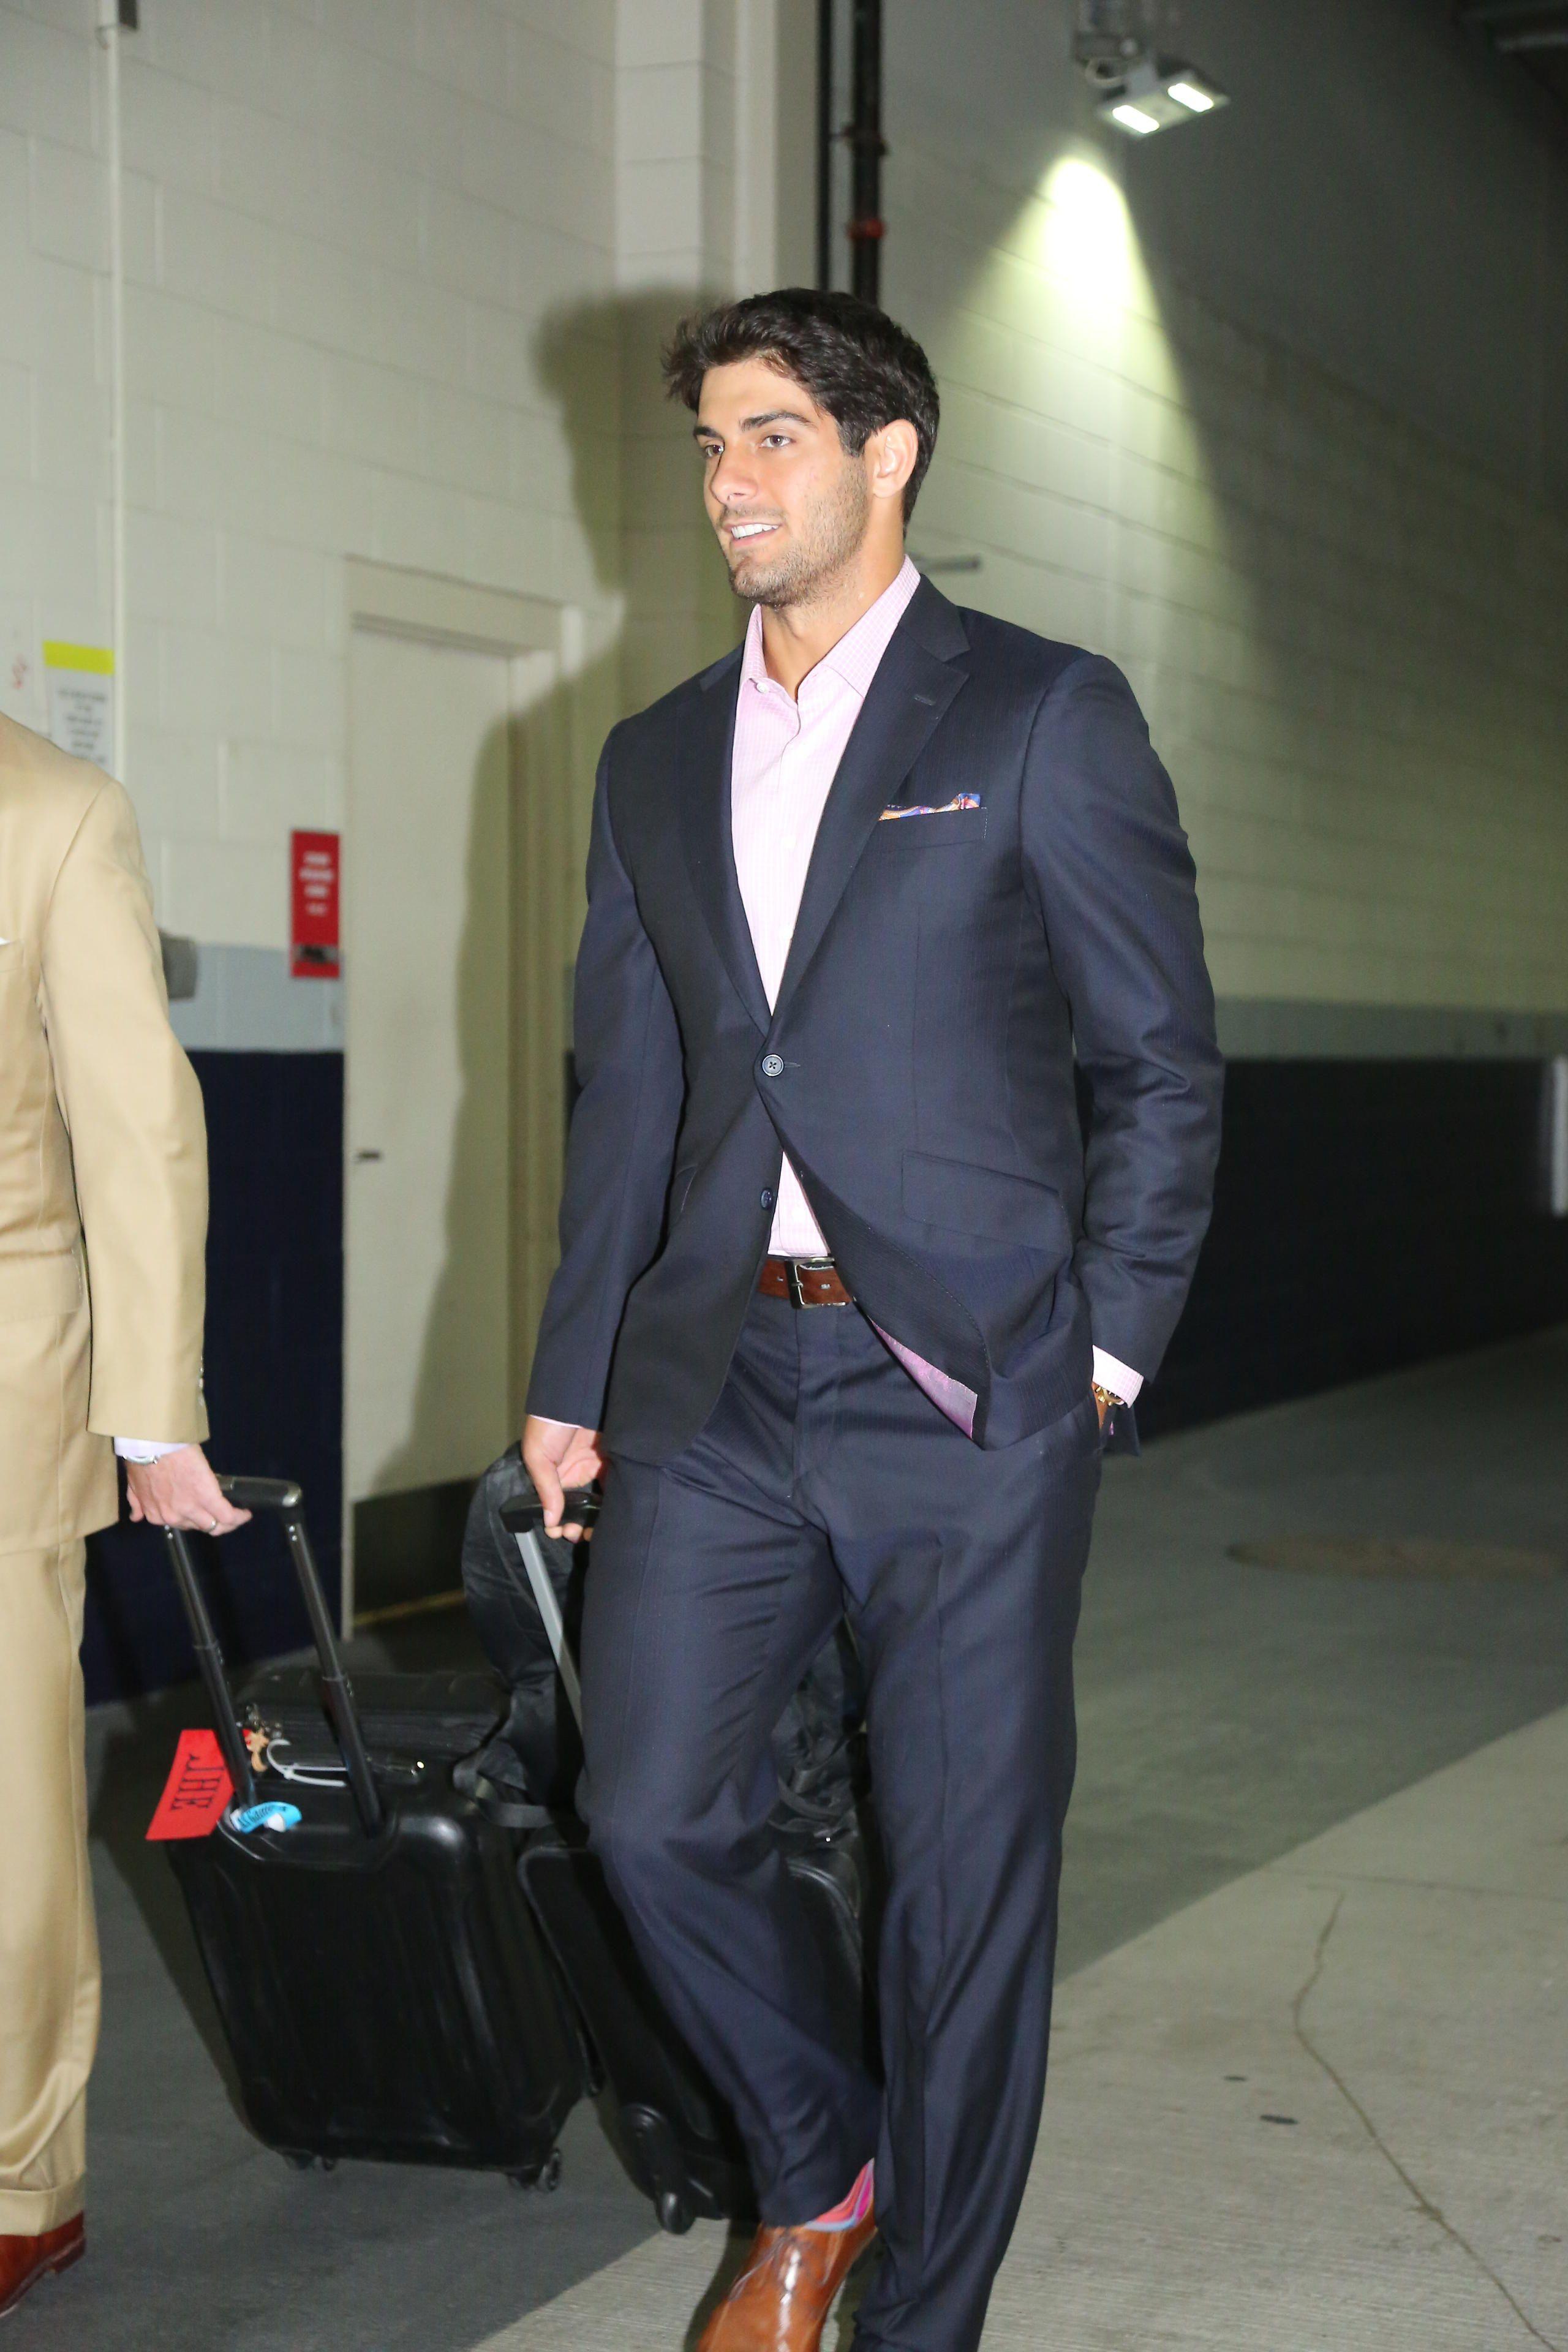 Jimmy Garoppolo suit - Google Search | Suit Men | Skinny ...